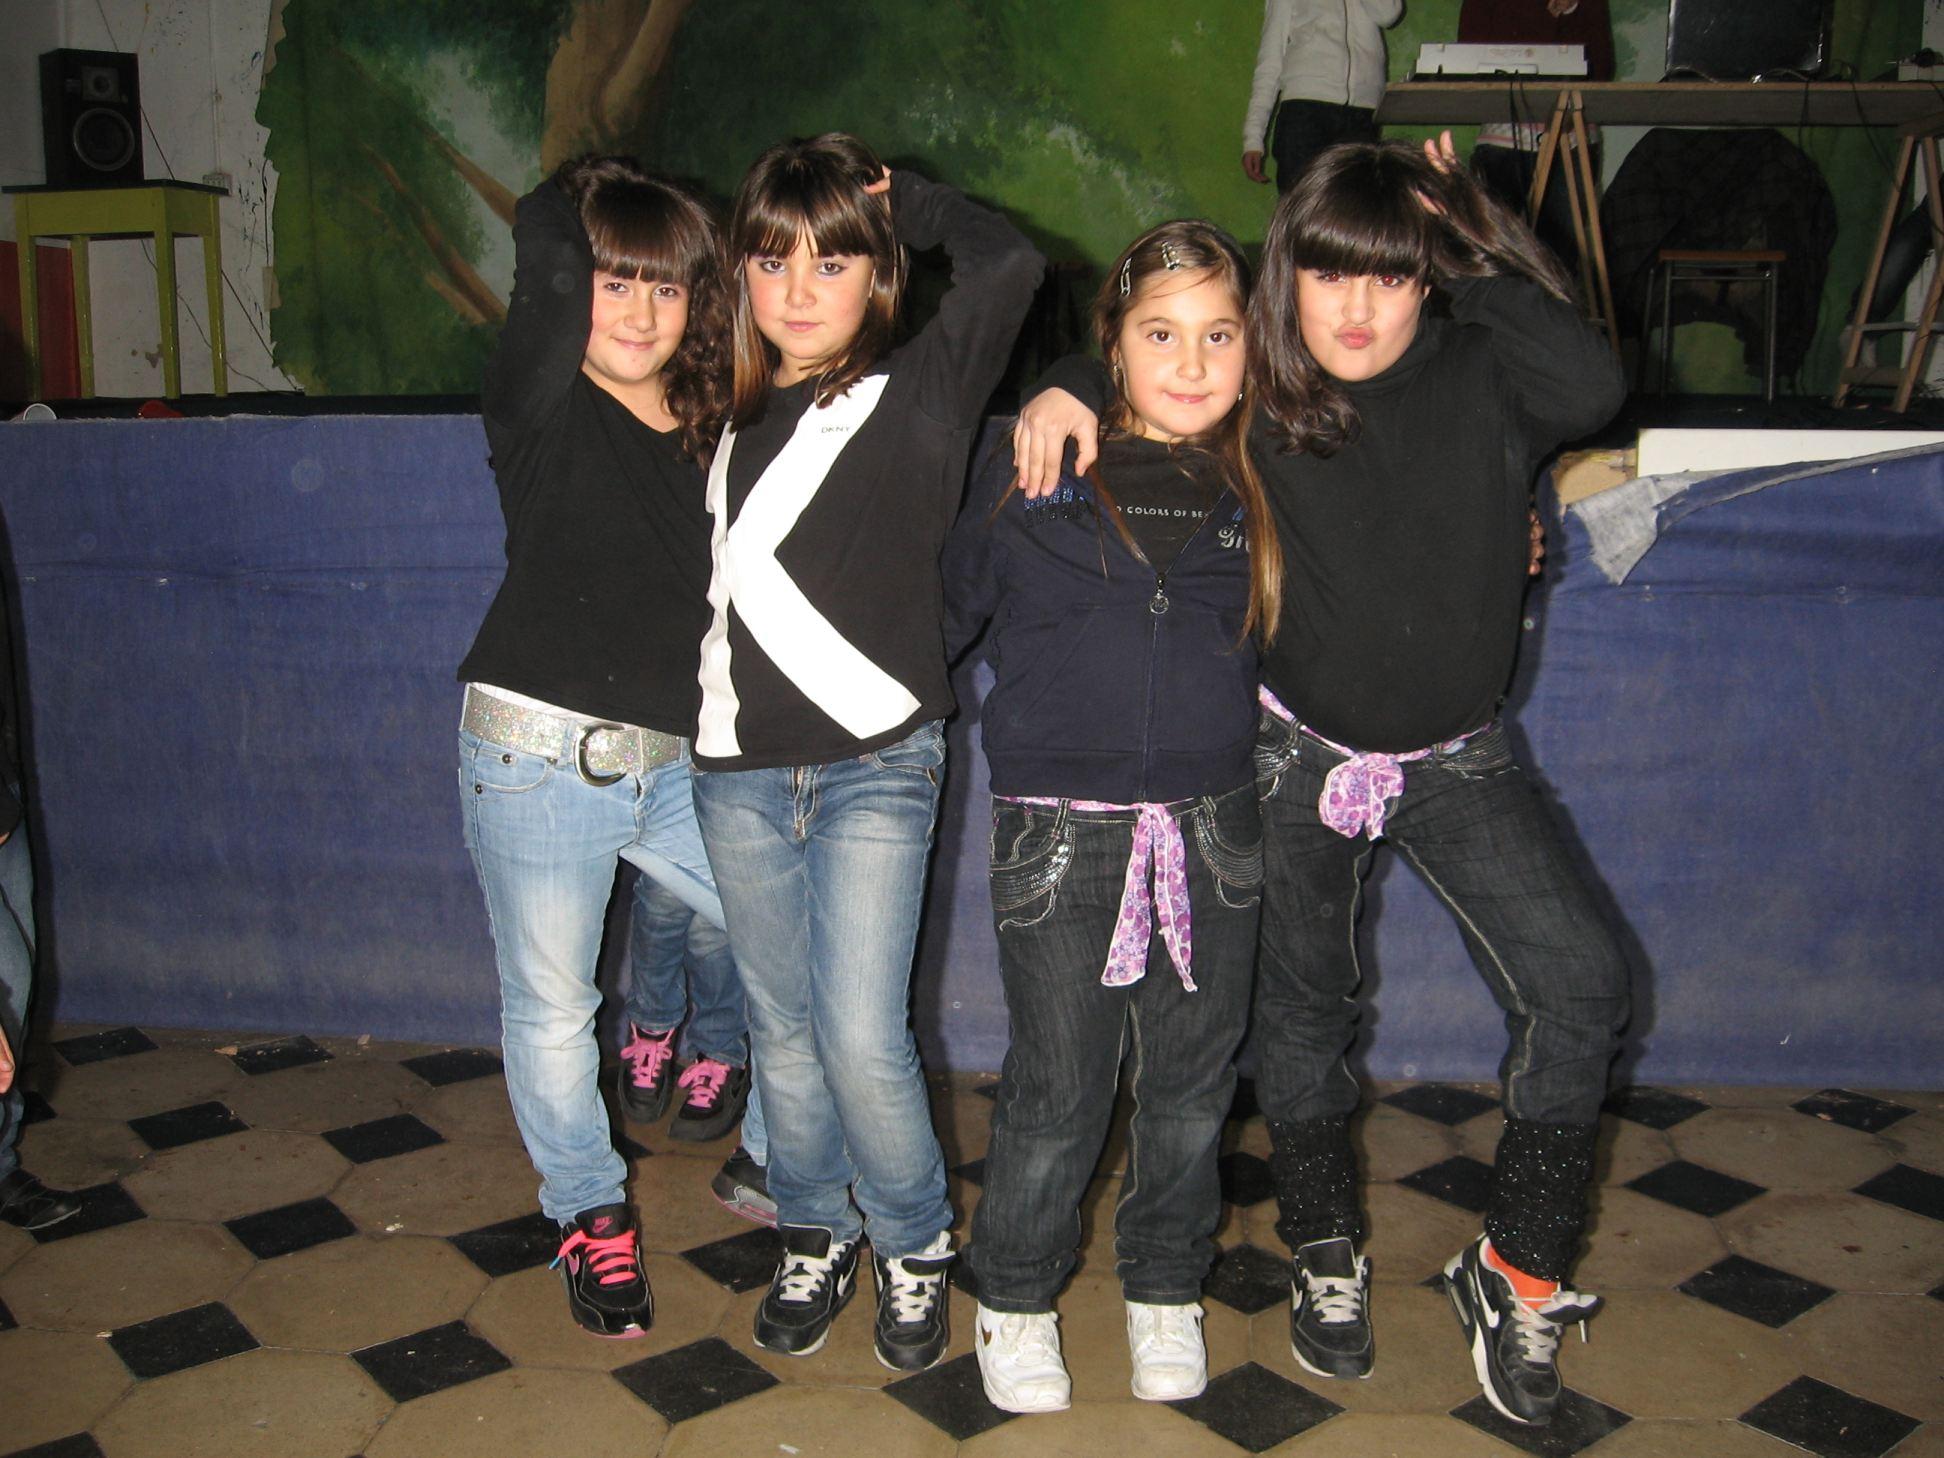 Danza_Oratorio-2009-12-20--16.39.21